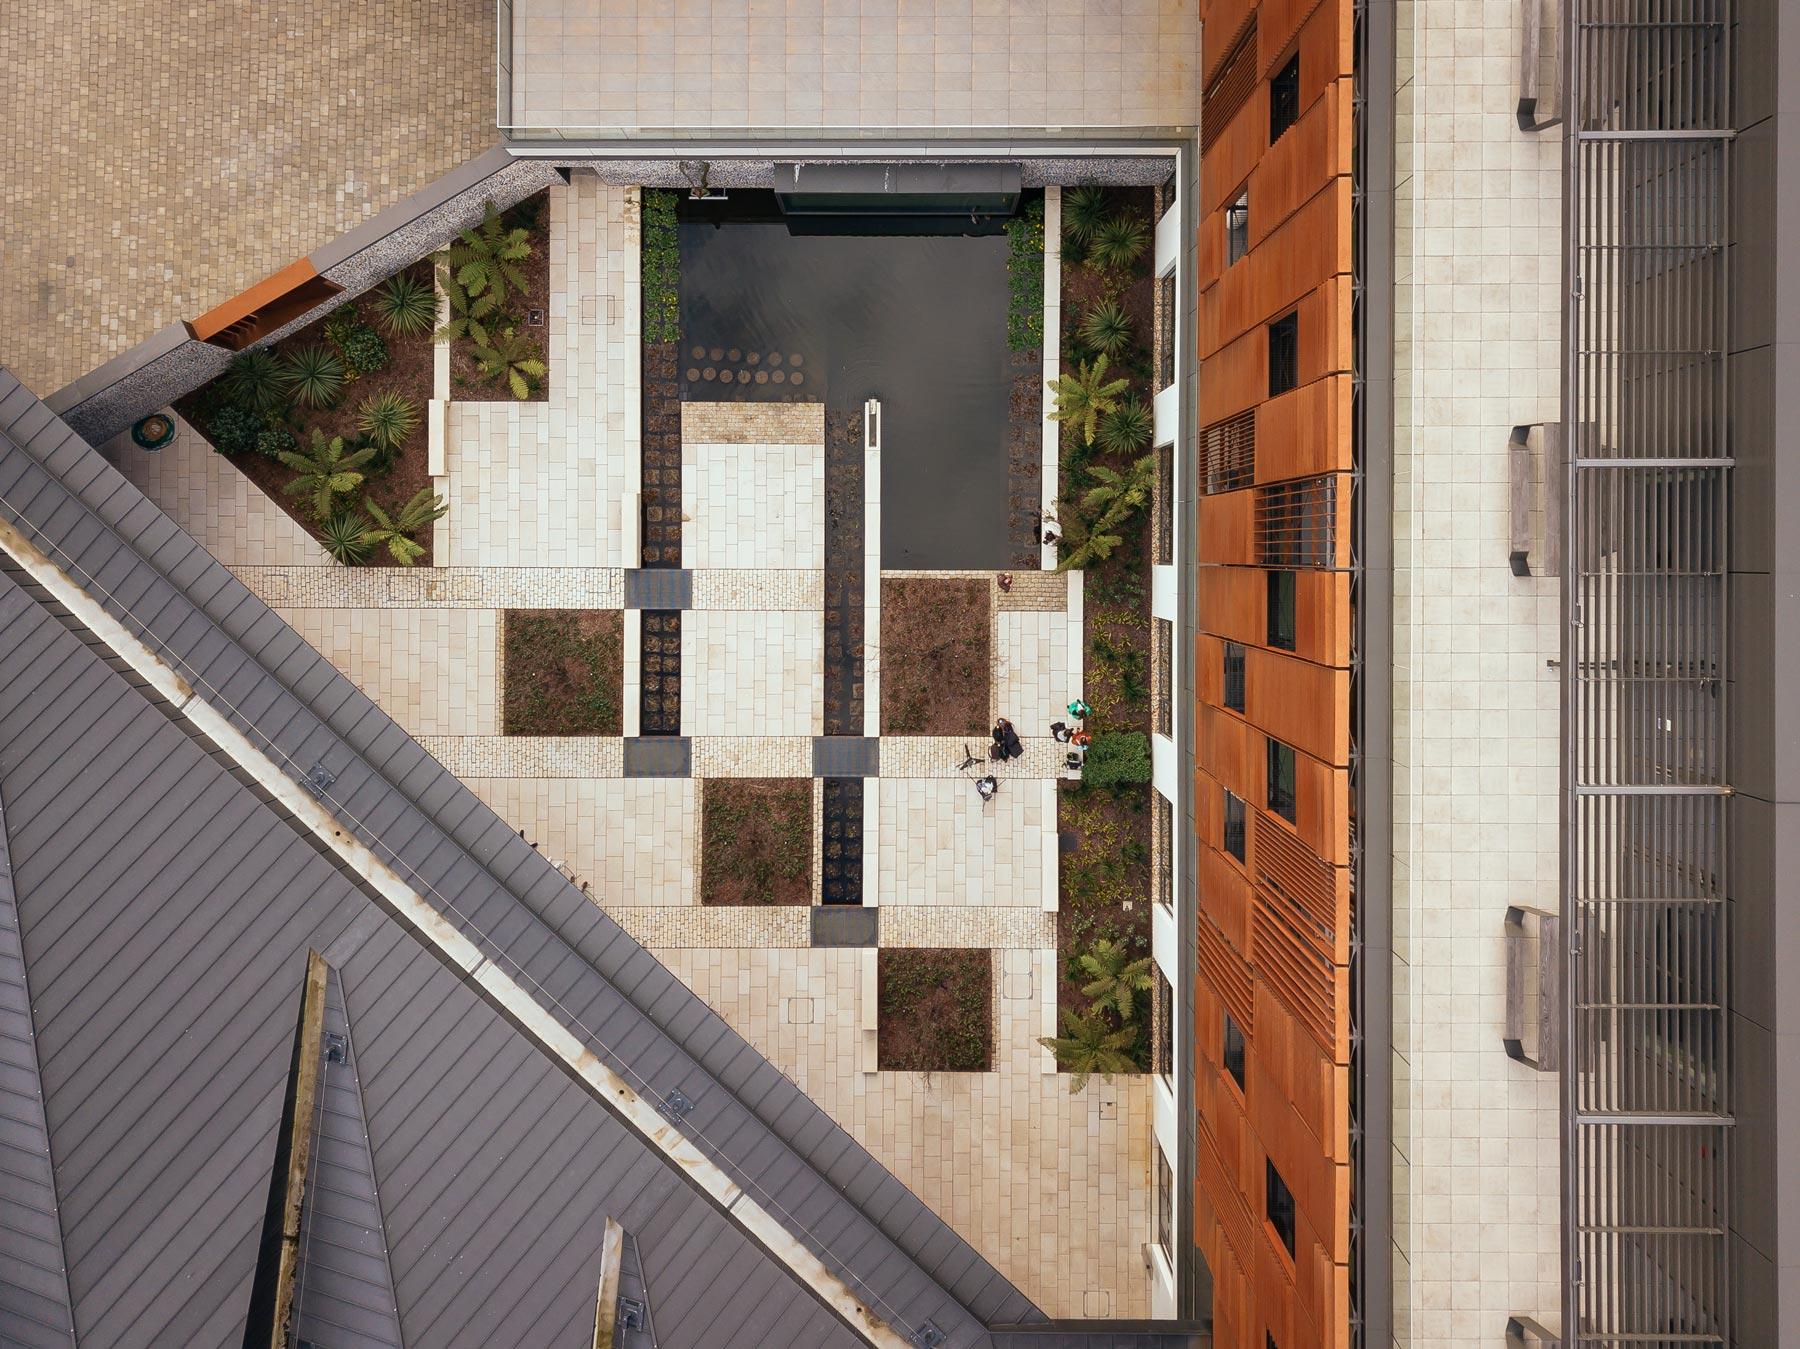 Design Engine West Downs Building garden aerial